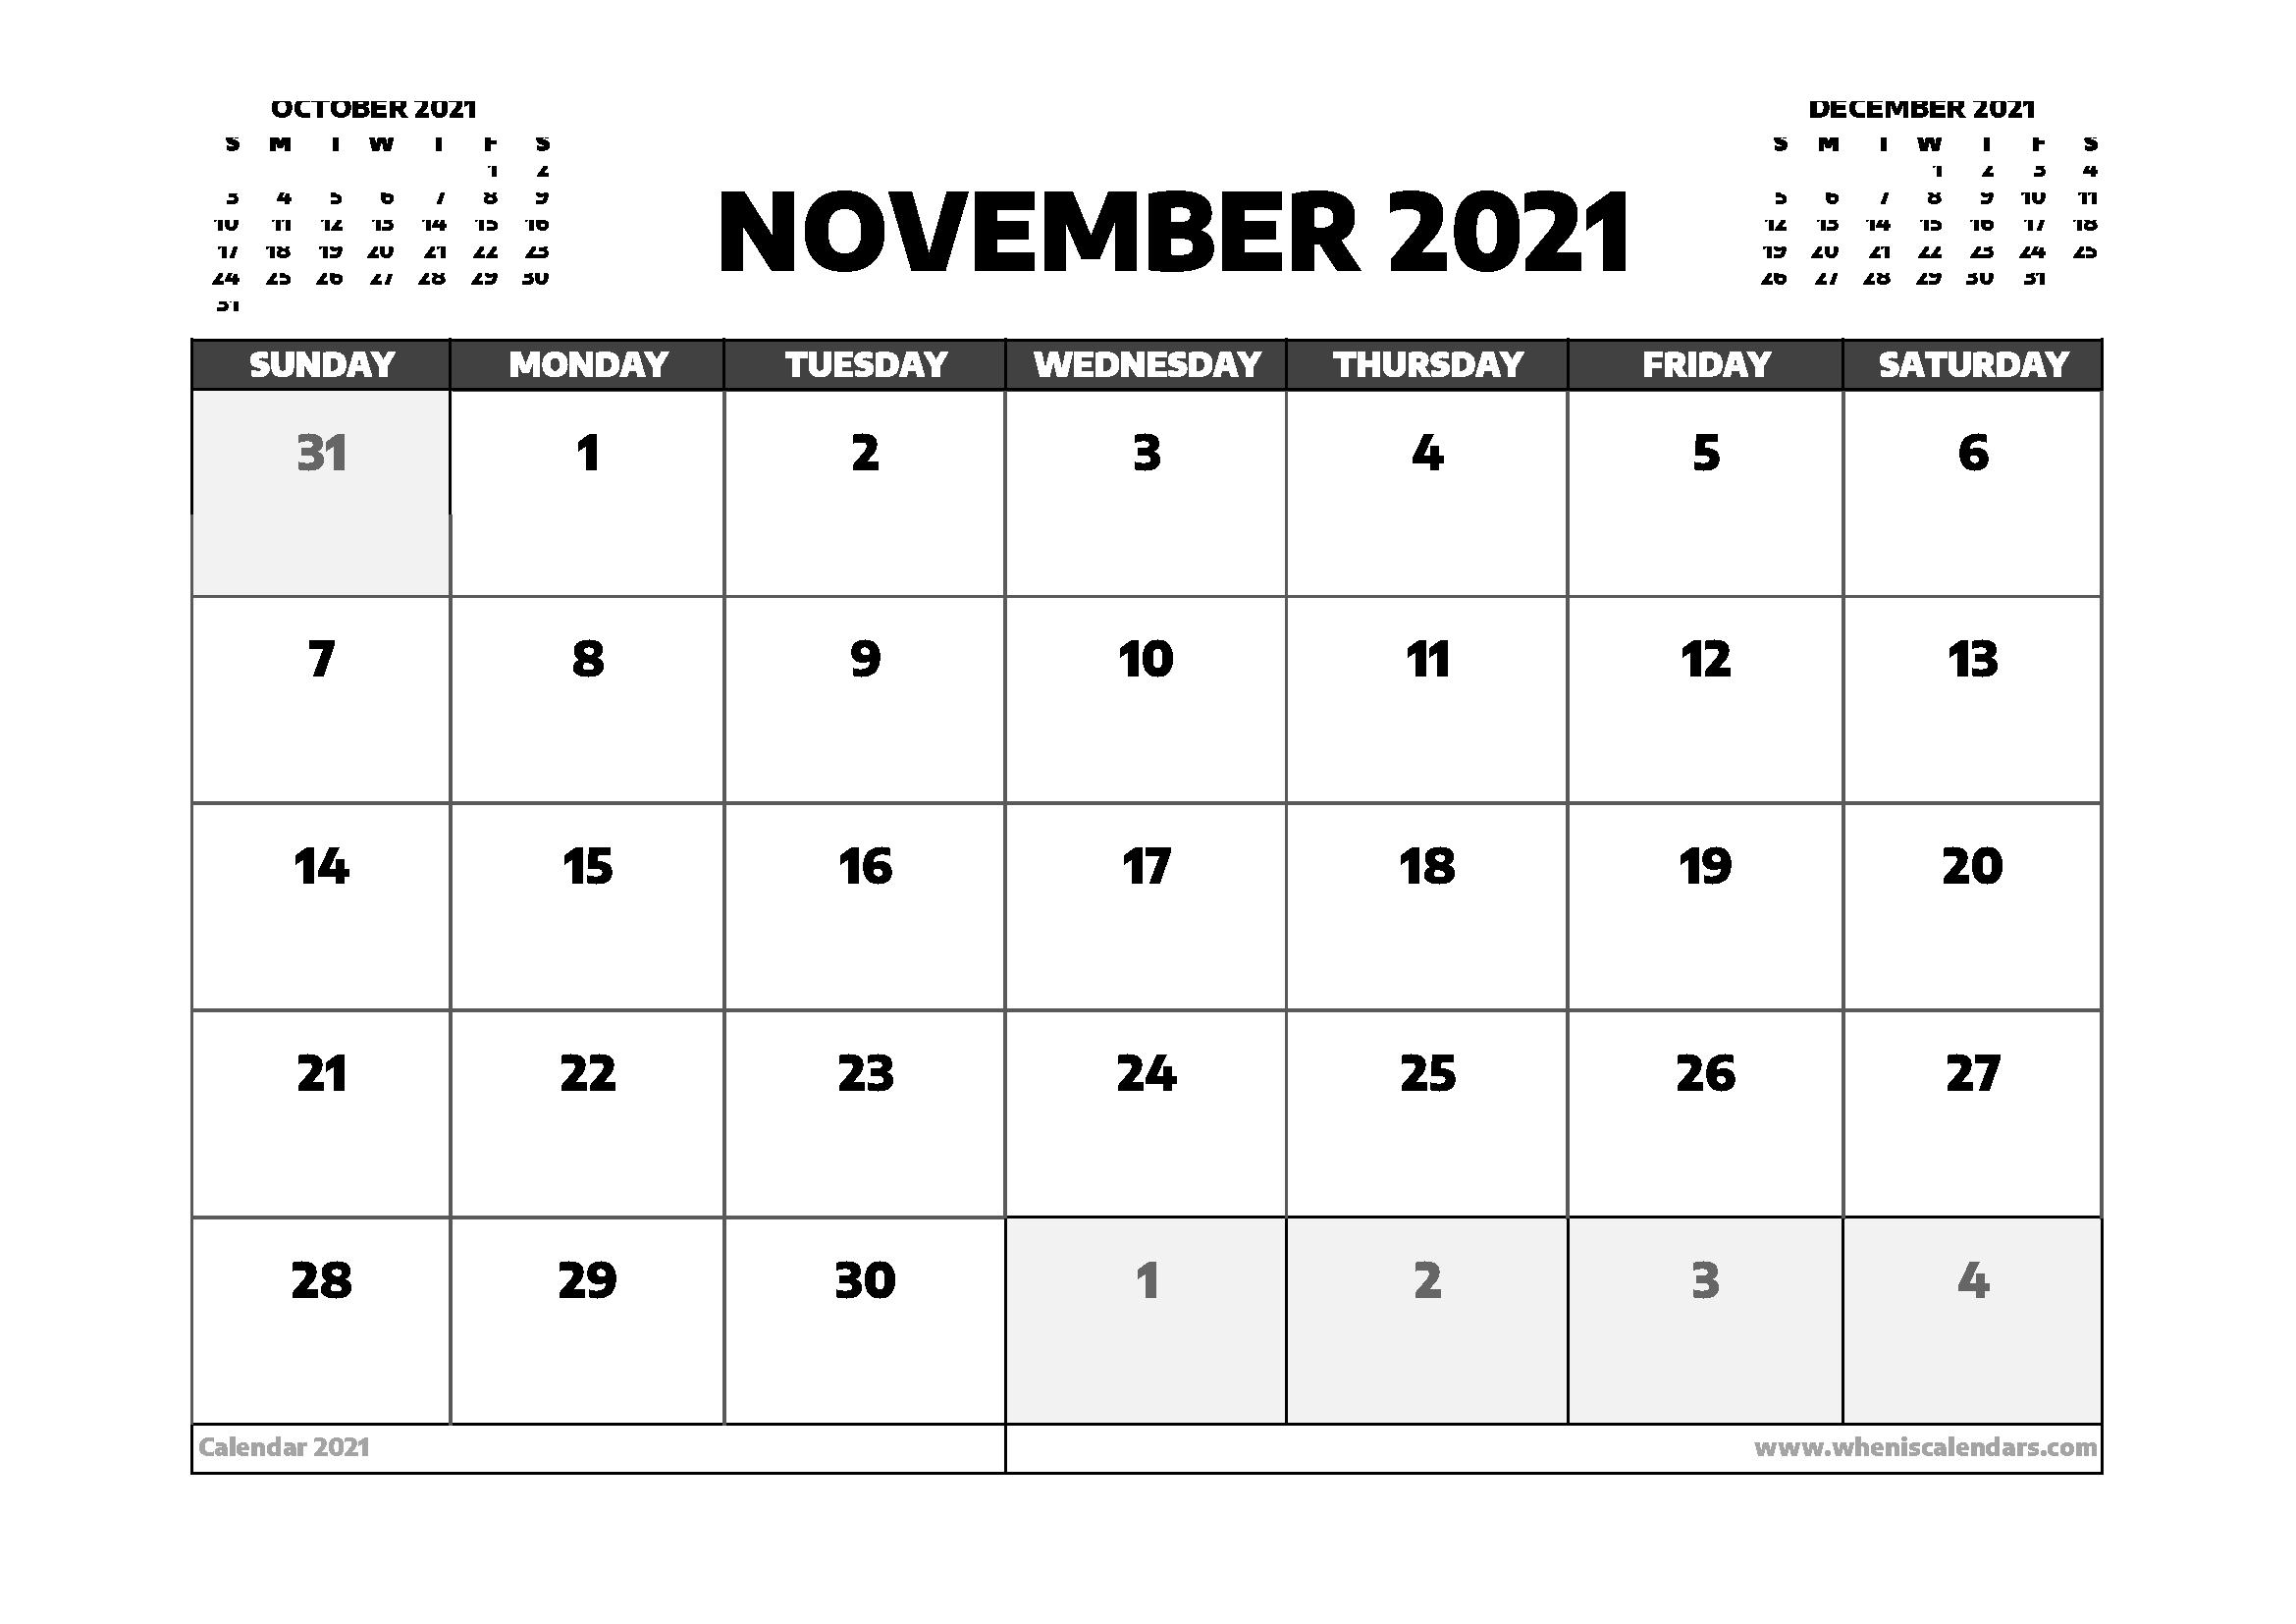 November 2021 Calendar Australia | 2021 Calendar Calendar For November 2021 With Holidays